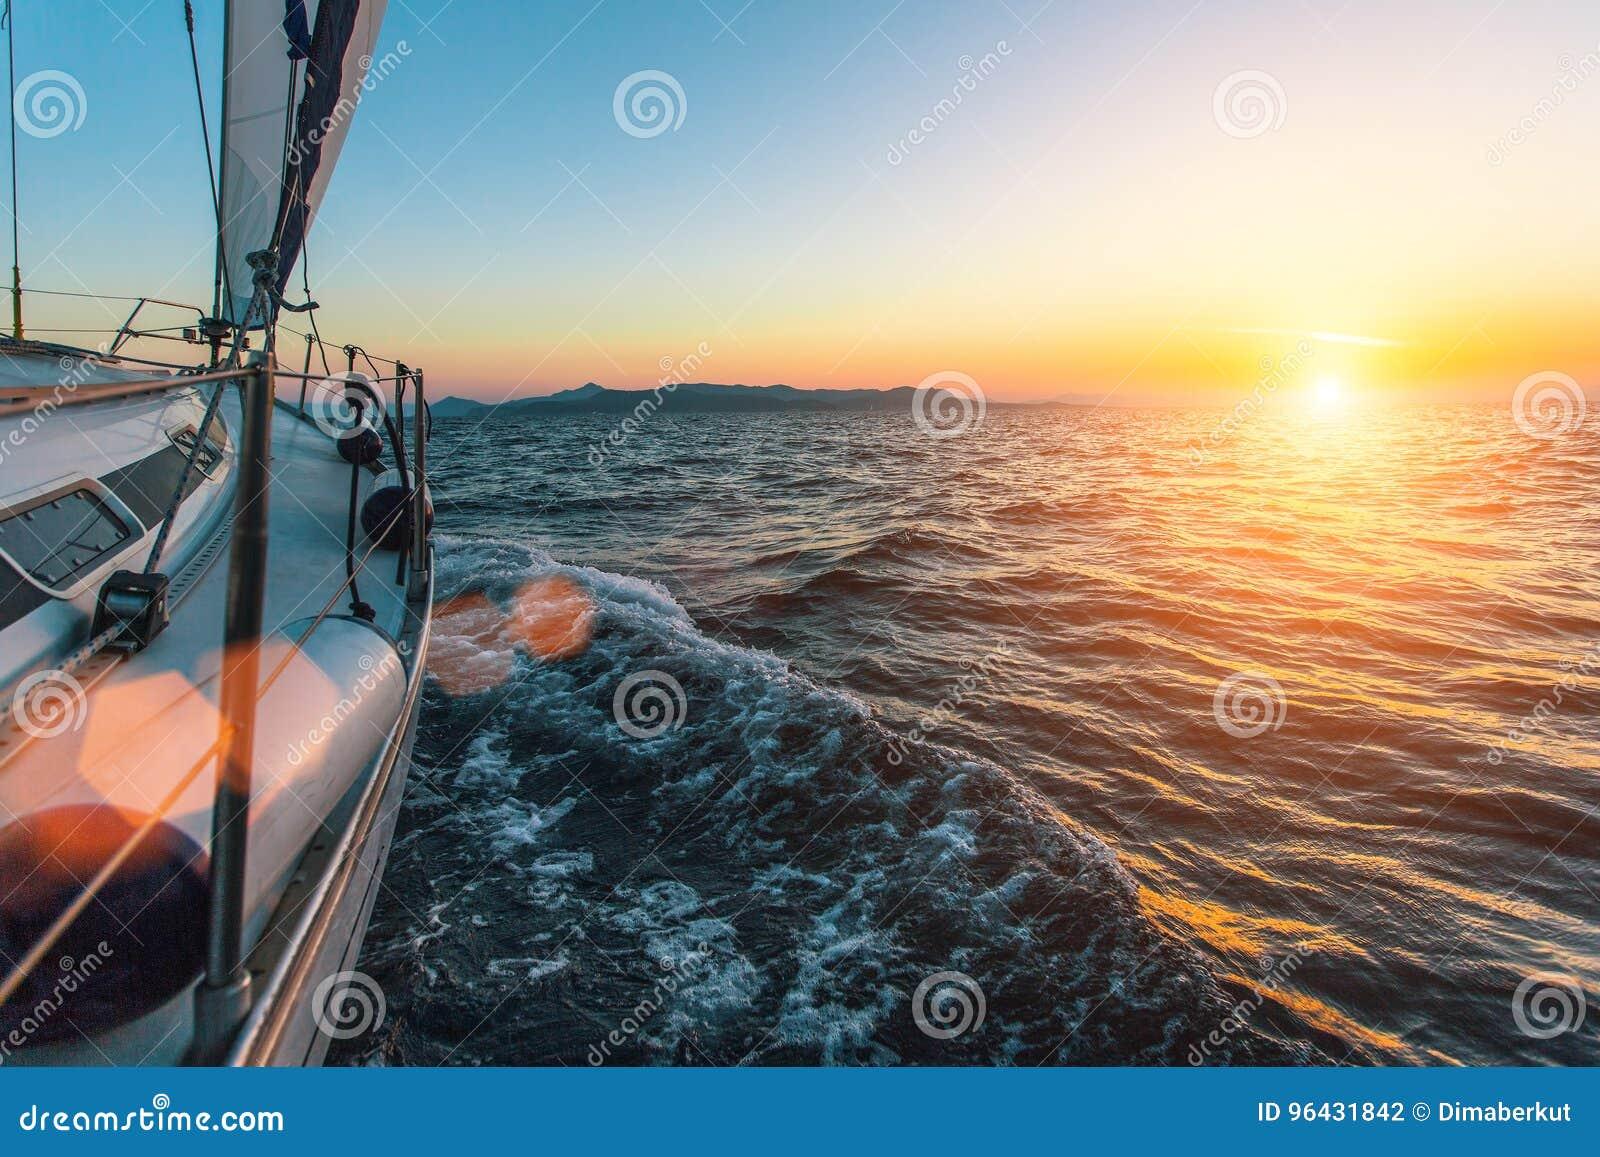 豪华帆船游艇小船在美好的日落期间的爱琴海 自然